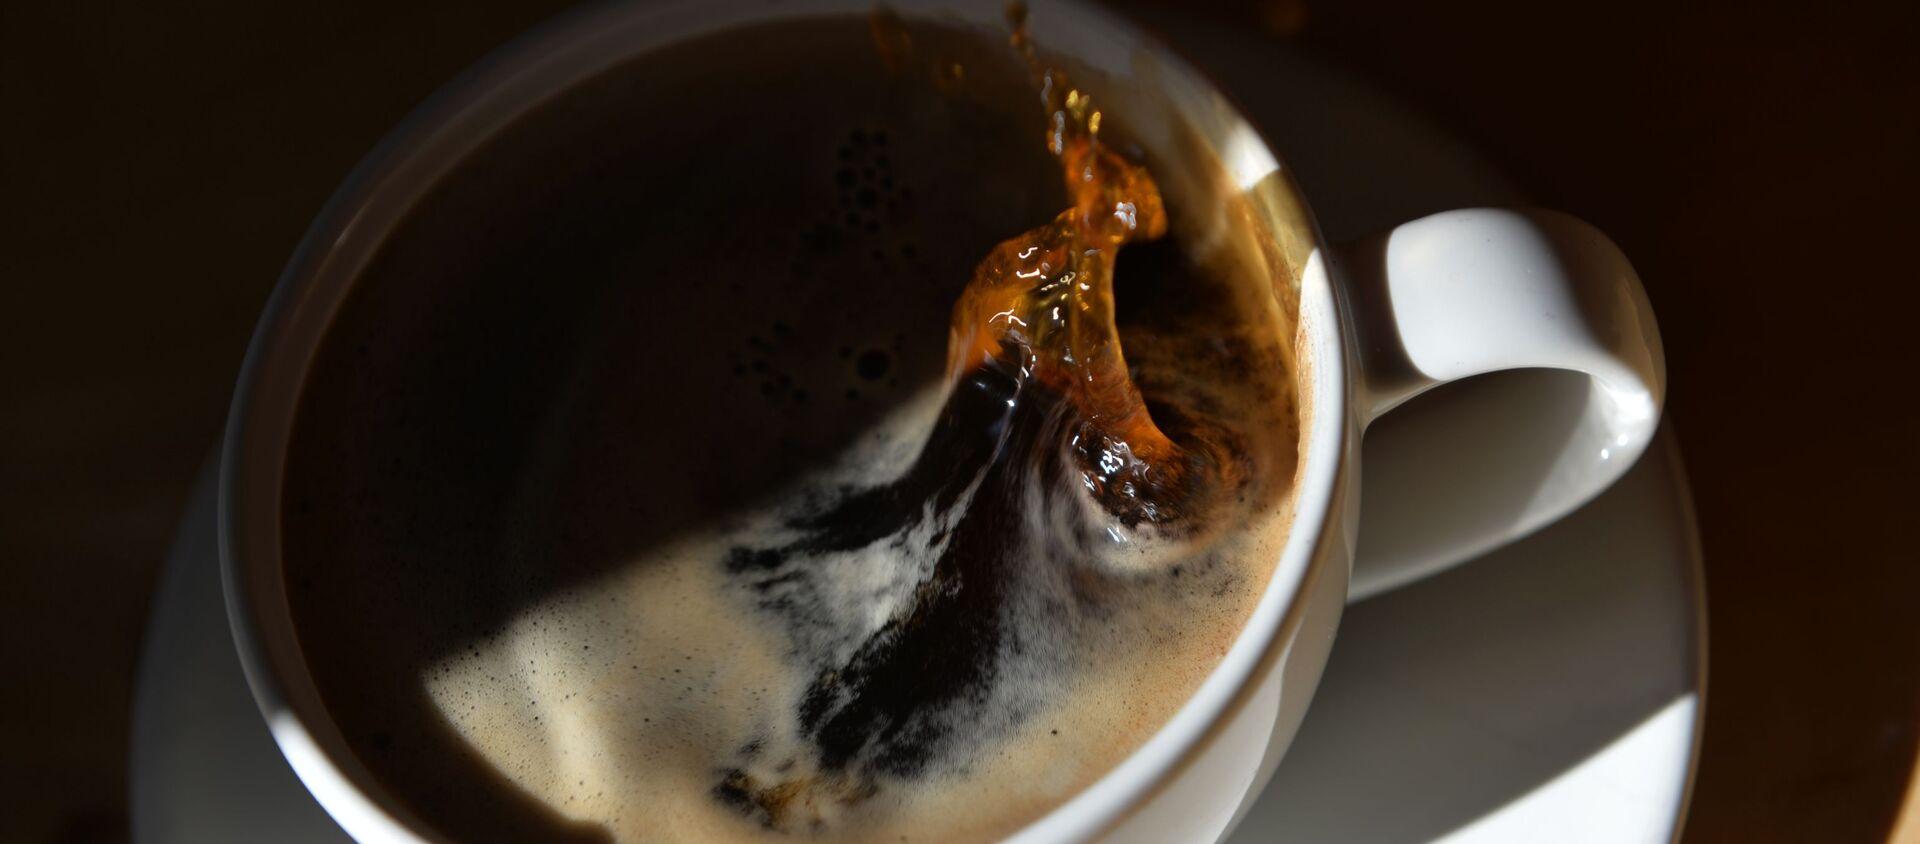 Una taza de café - Sputnik Mundo, 1920, 20.01.2021